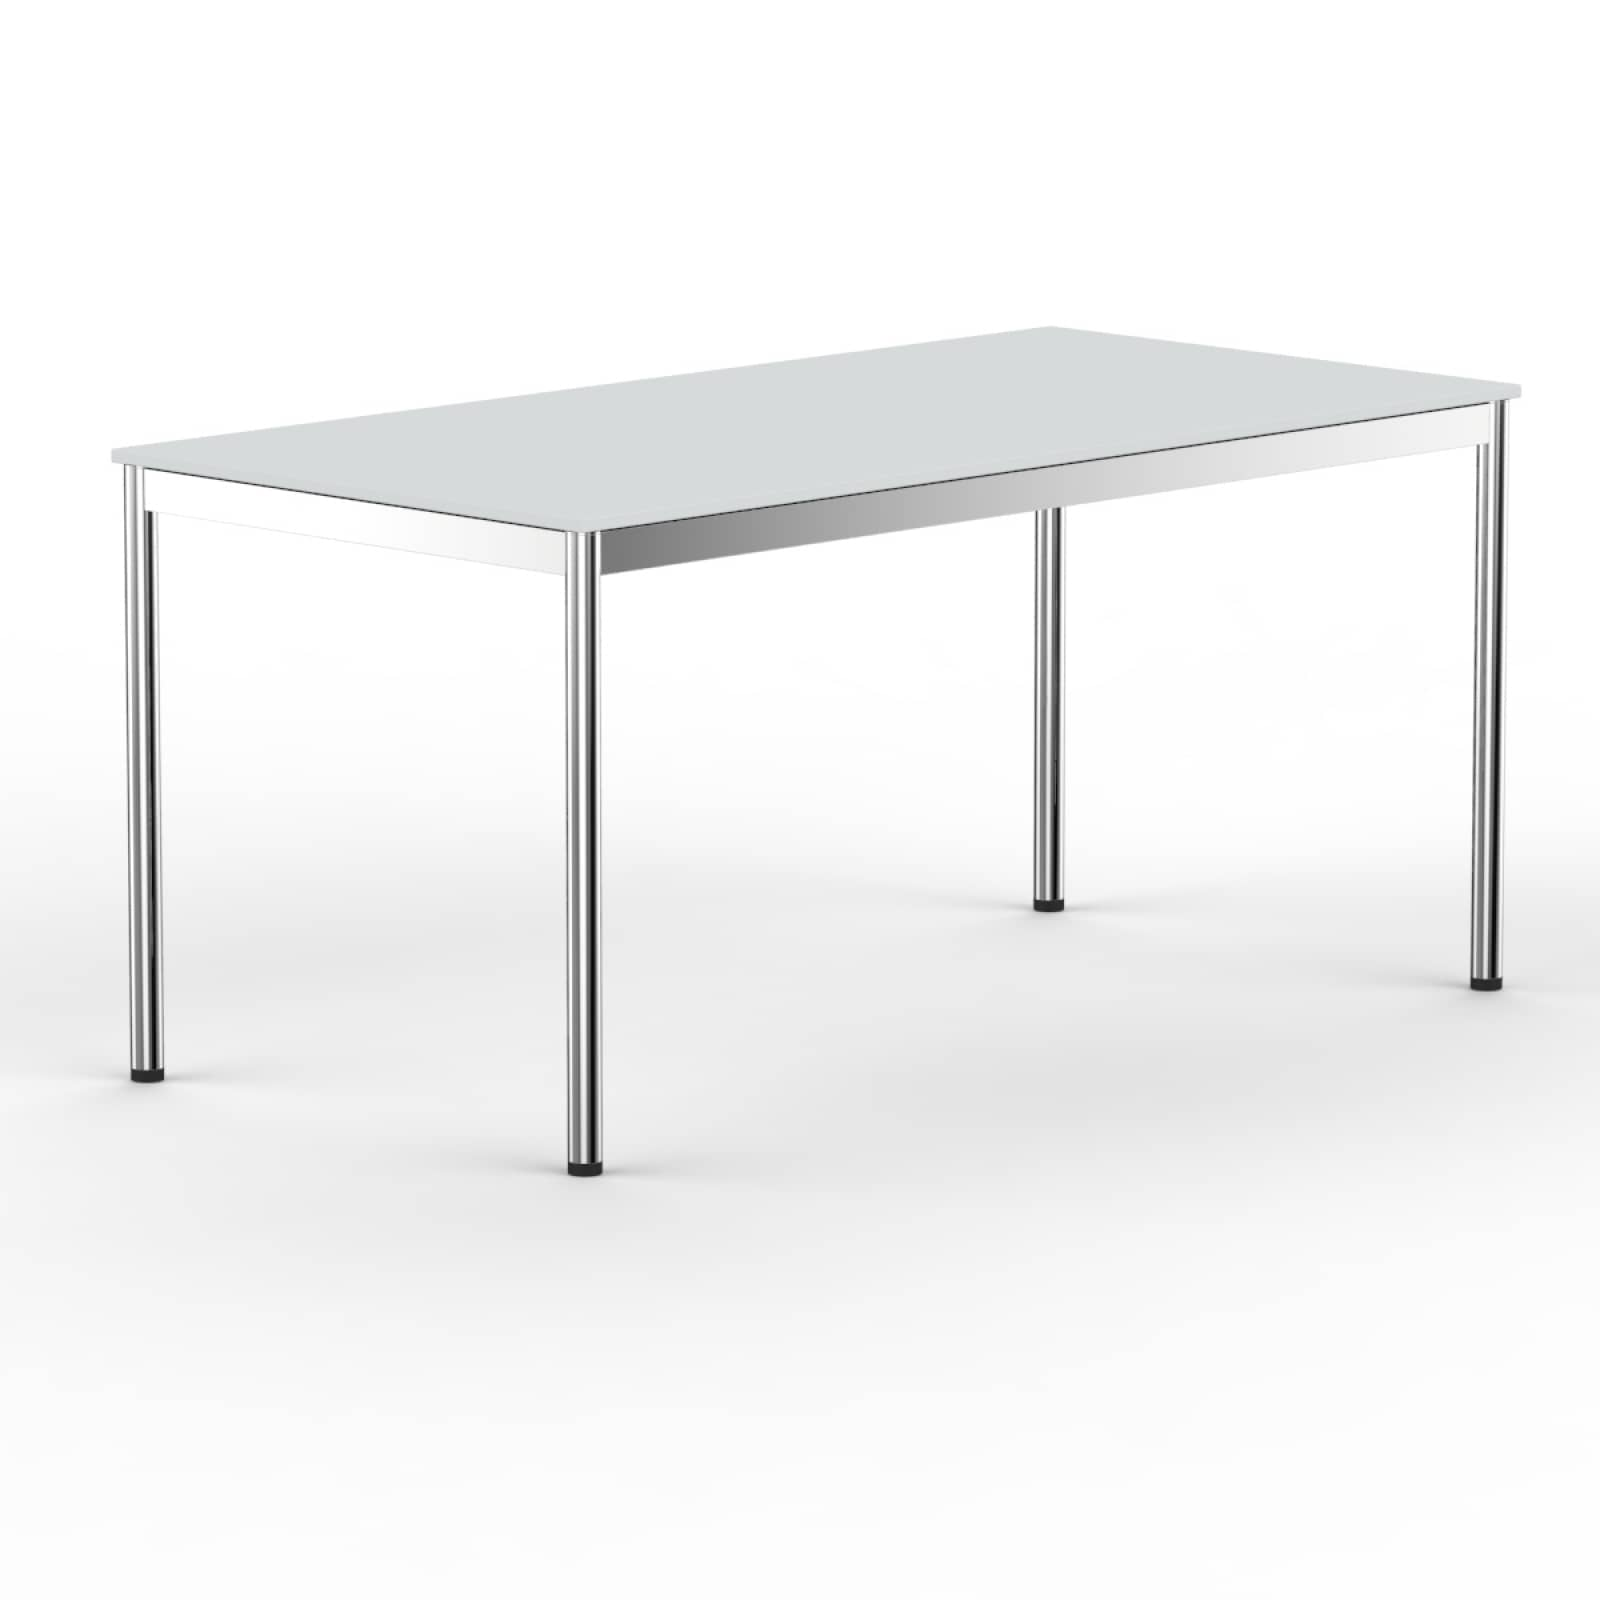 schreibtisch konferenztisch 120x70cm grau versee. Black Bedroom Furniture Sets. Home Design Ideas